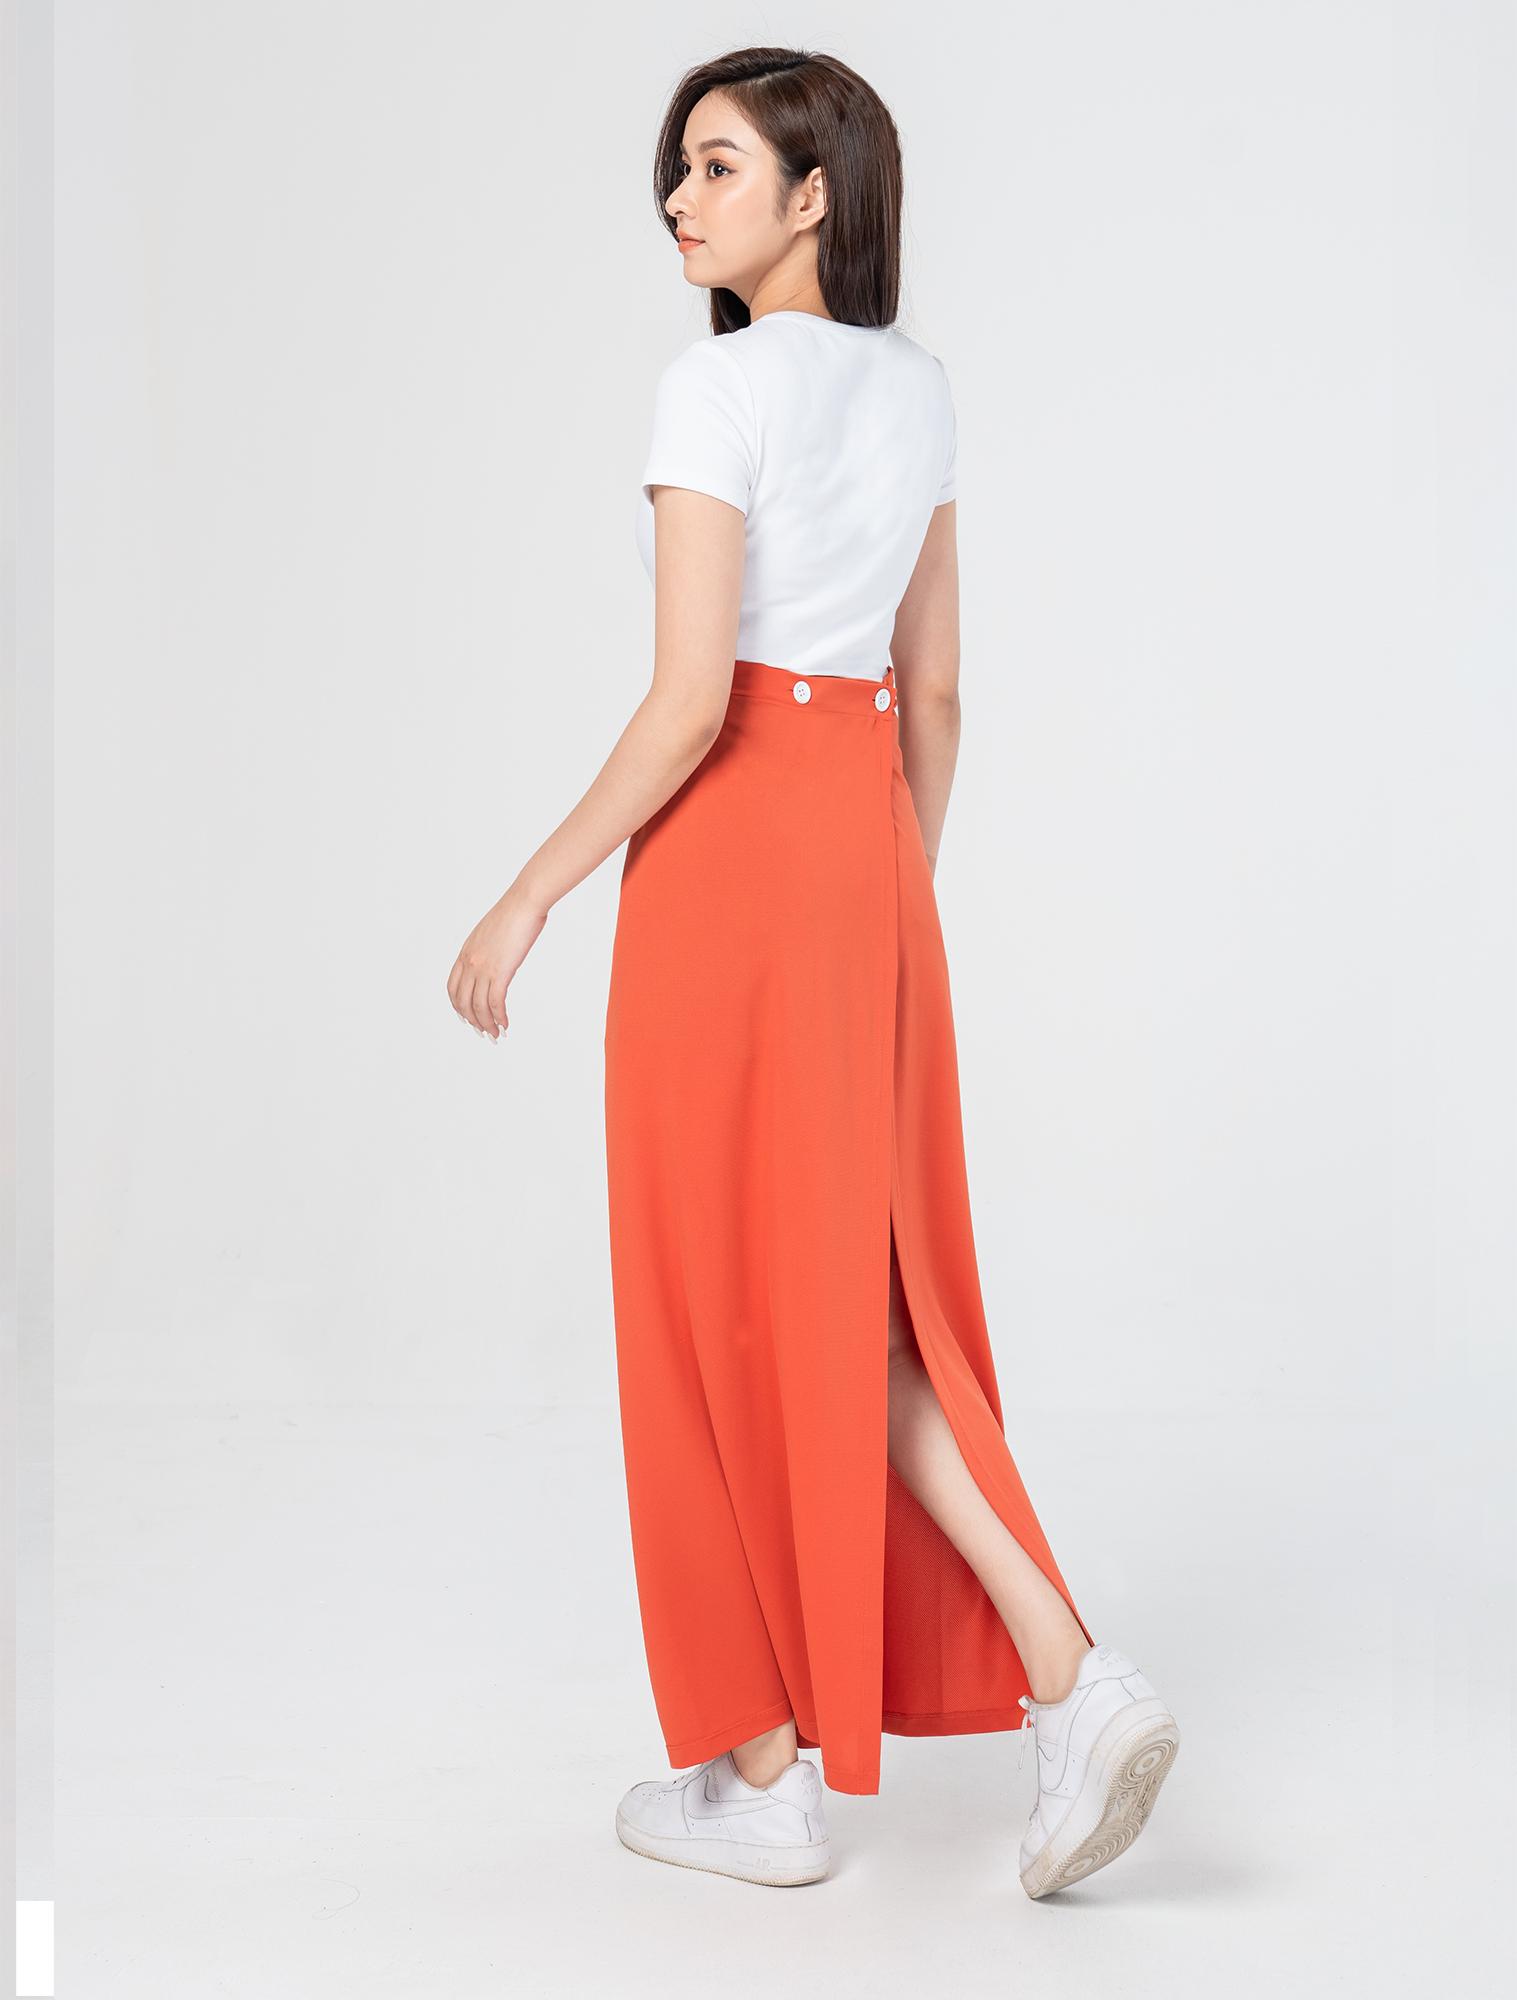 Combo đồ chống nắng từ đầu đến chân cho chị em: Nhiều món đang sale, chỉ 250k mua được áo chống nắng xịn - Ảnh 7.